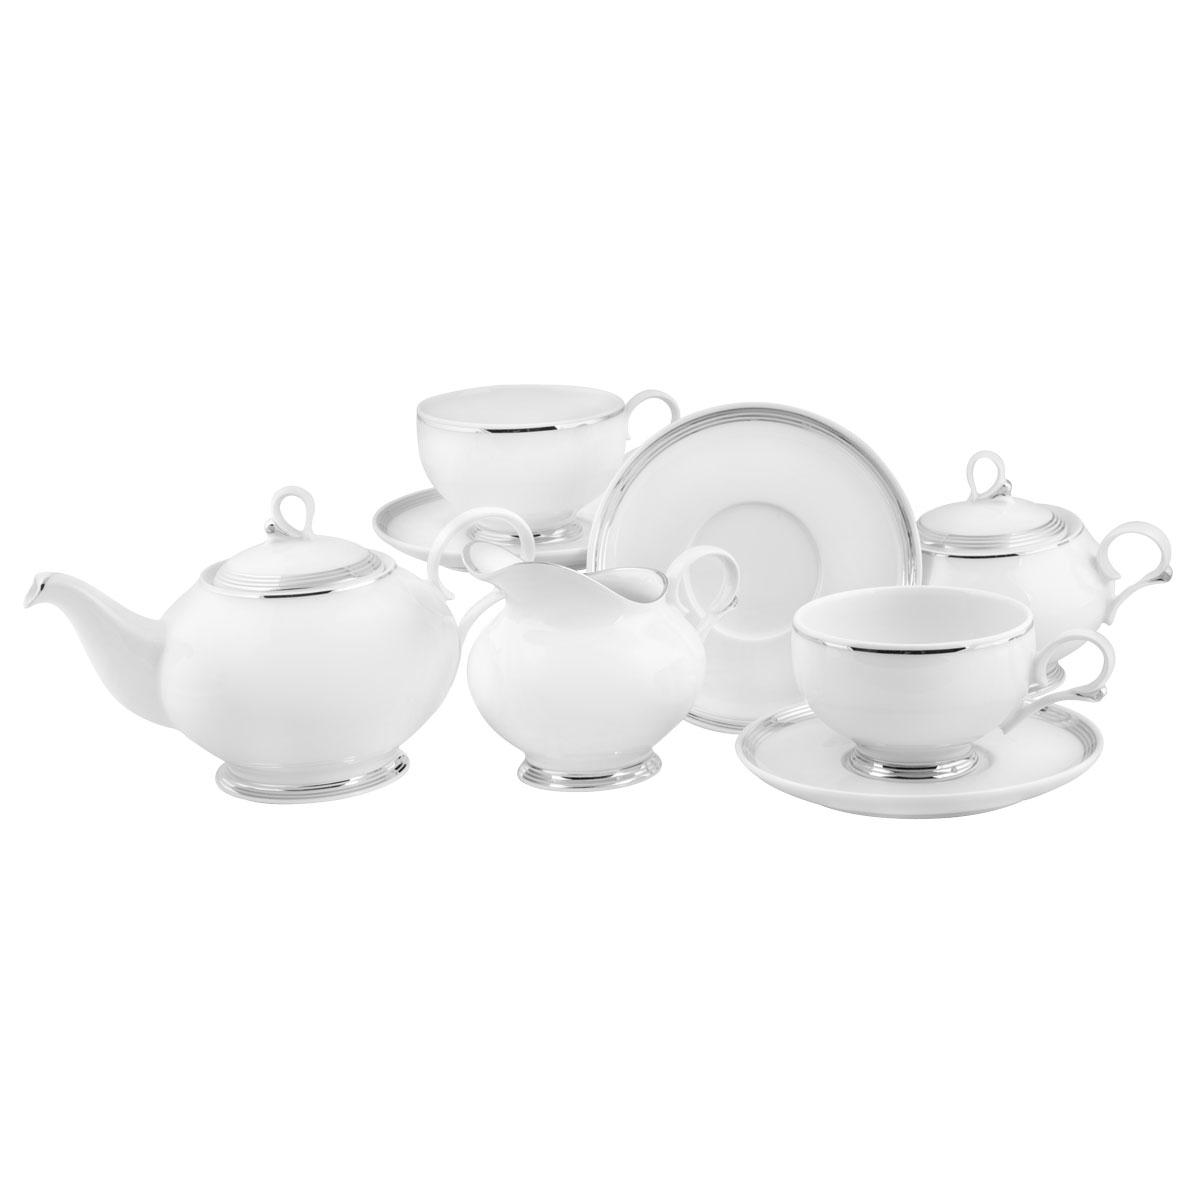 Сервиз чайный Башфарфор Серебряная нить, 15 предметов двойные голубые линии белый фарфор чайный сервиз чайный сервиз чайник чайный сервиз 6 шт